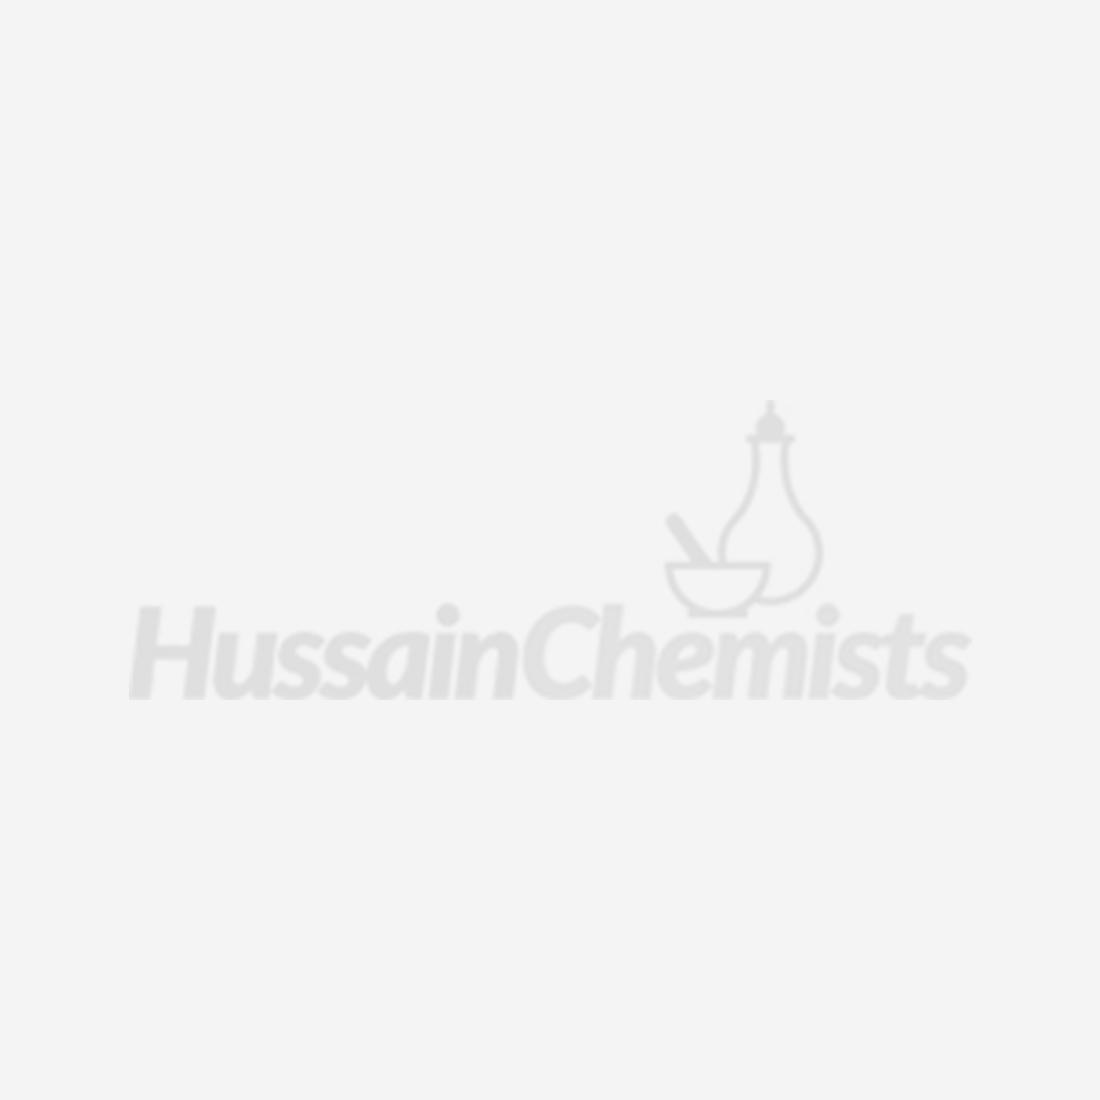 Sodium Bicarbonate EAR DROPS 5% w/v